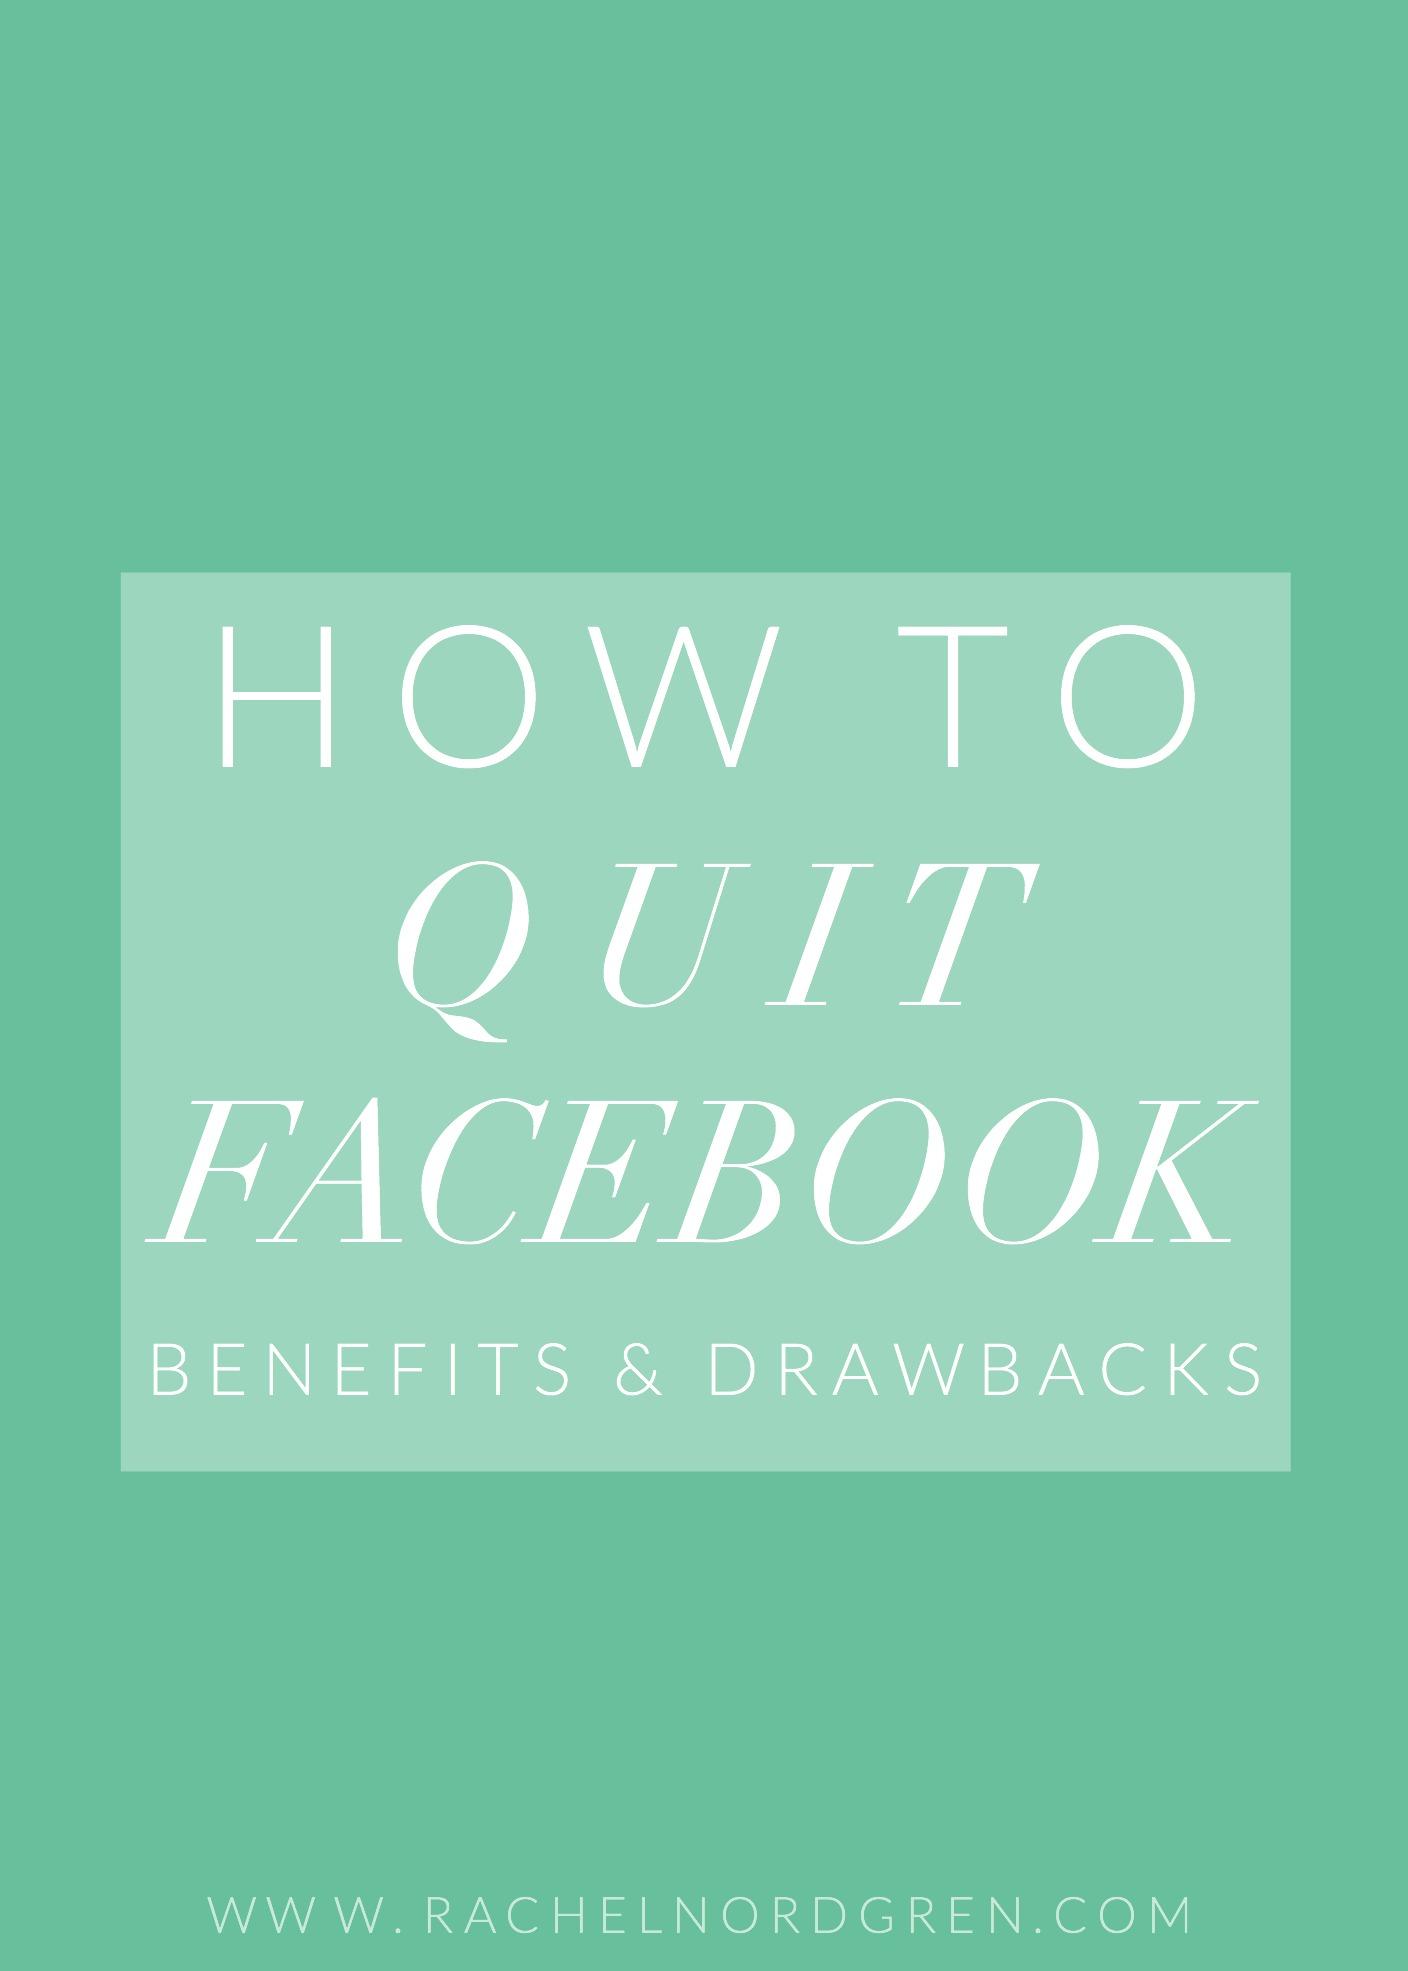 How to Quit Facebook - Benefits & Drawbacks | Rachel Nordgren